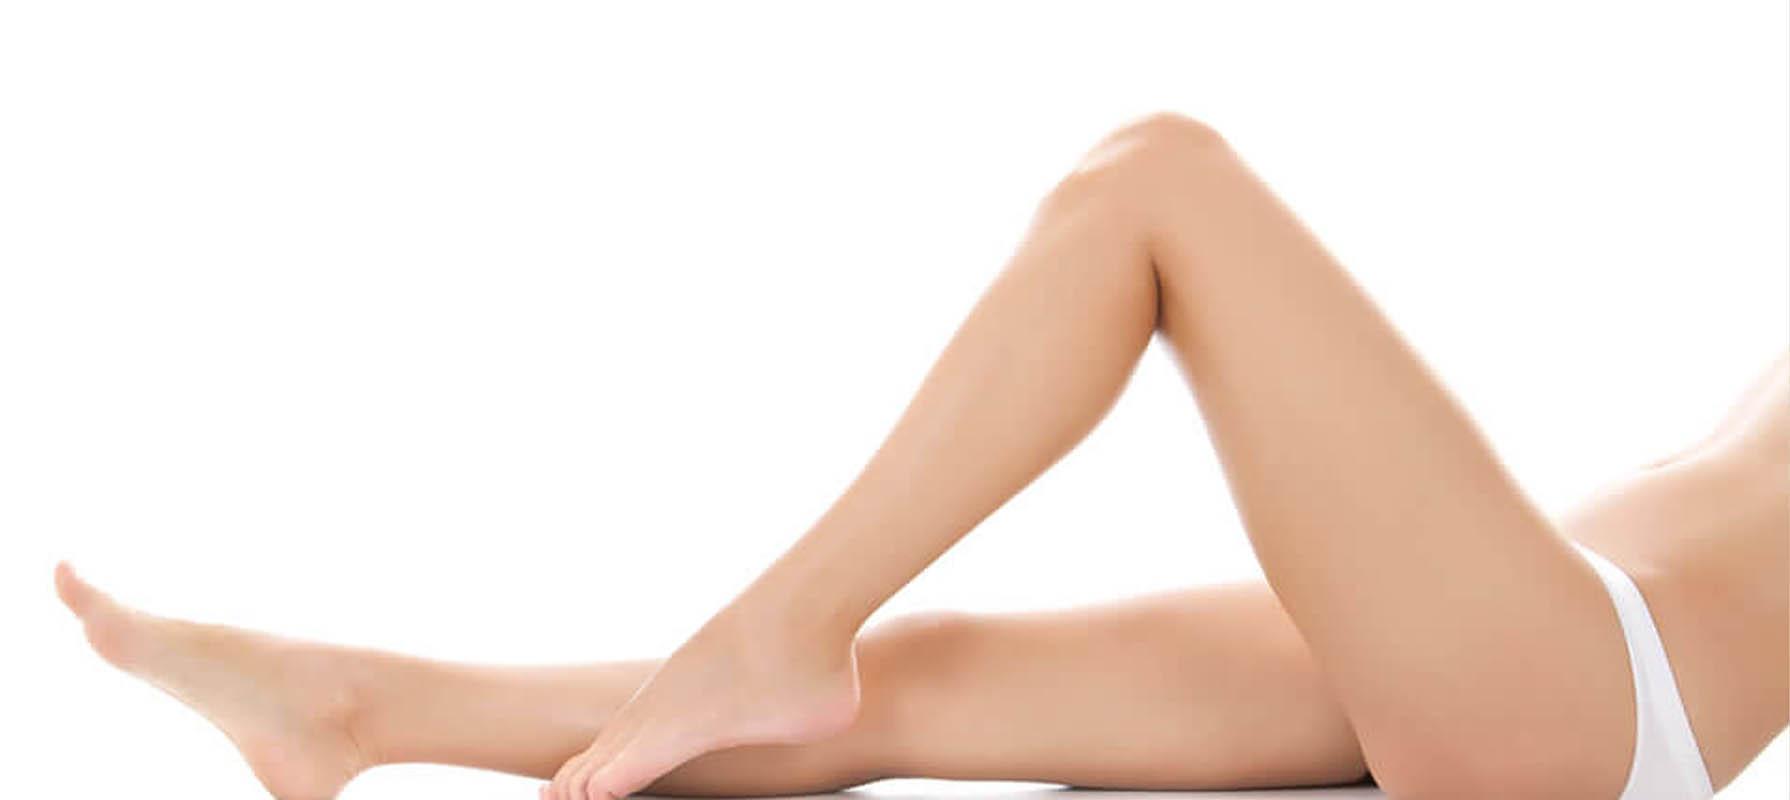 Liposcultura gambe Romolo Milano, il Dottor Raoul Novelli, annoverato tra i migliori chirurghi plastici